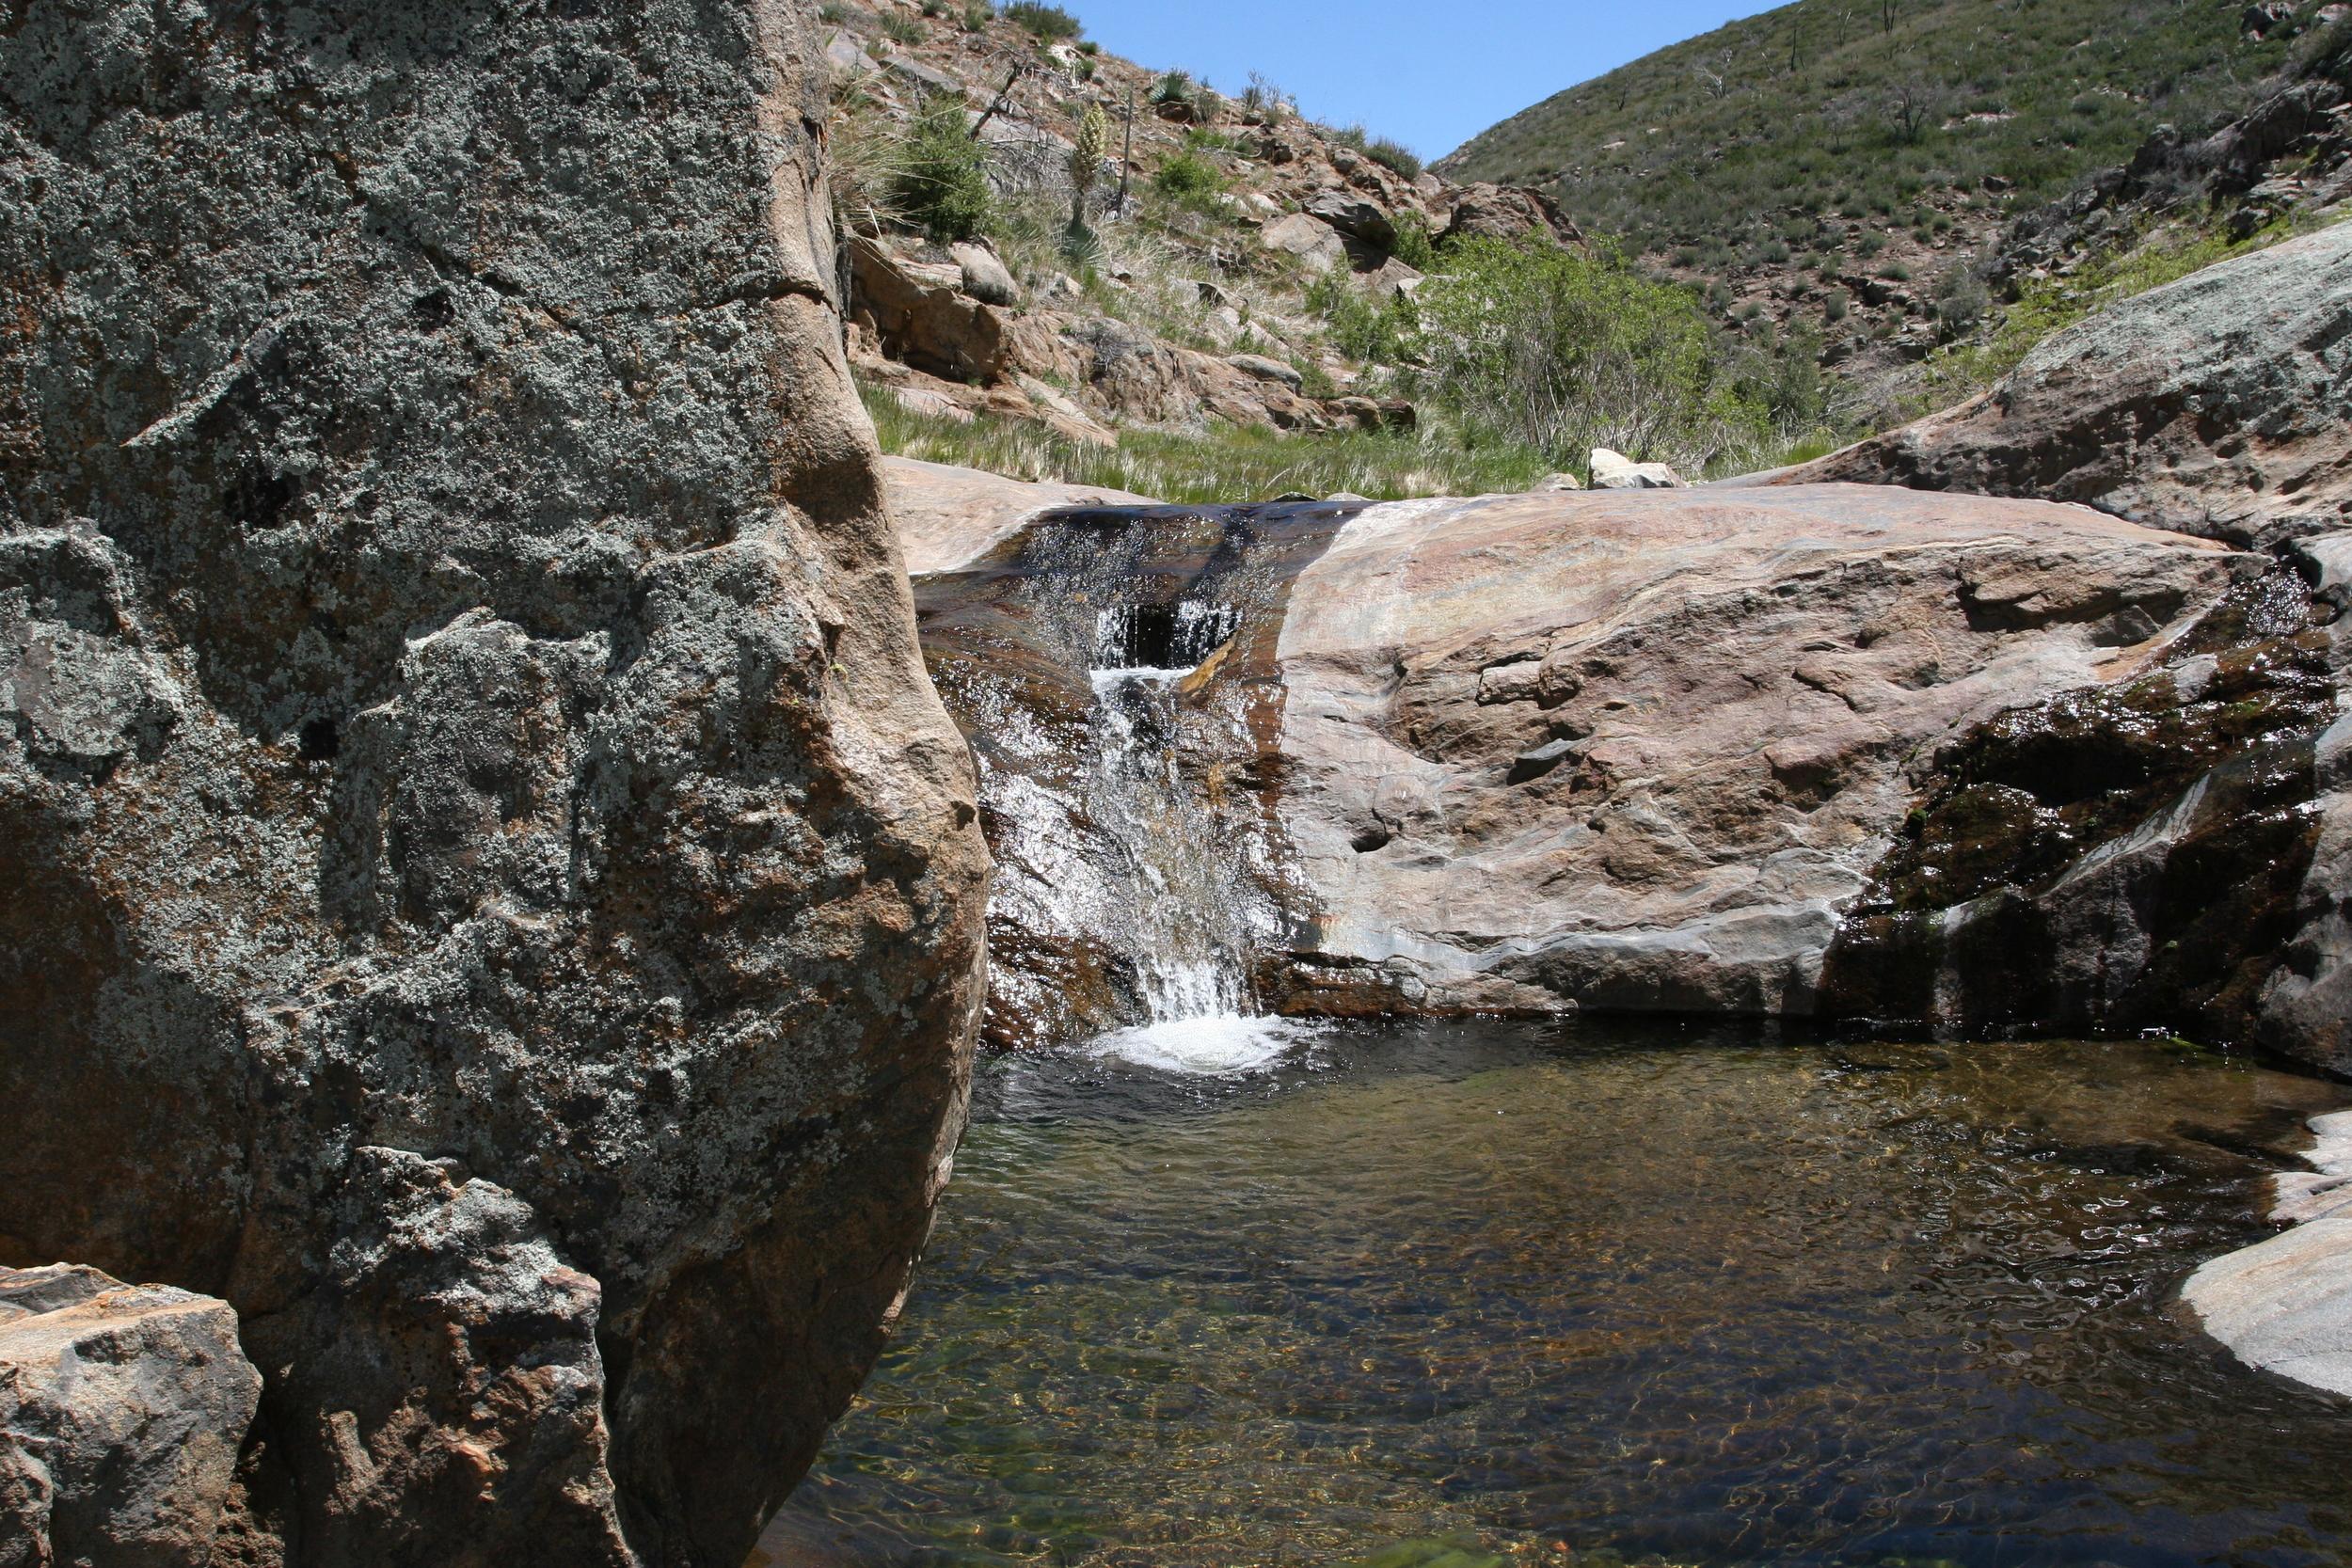 Harper's Creek, May 2009